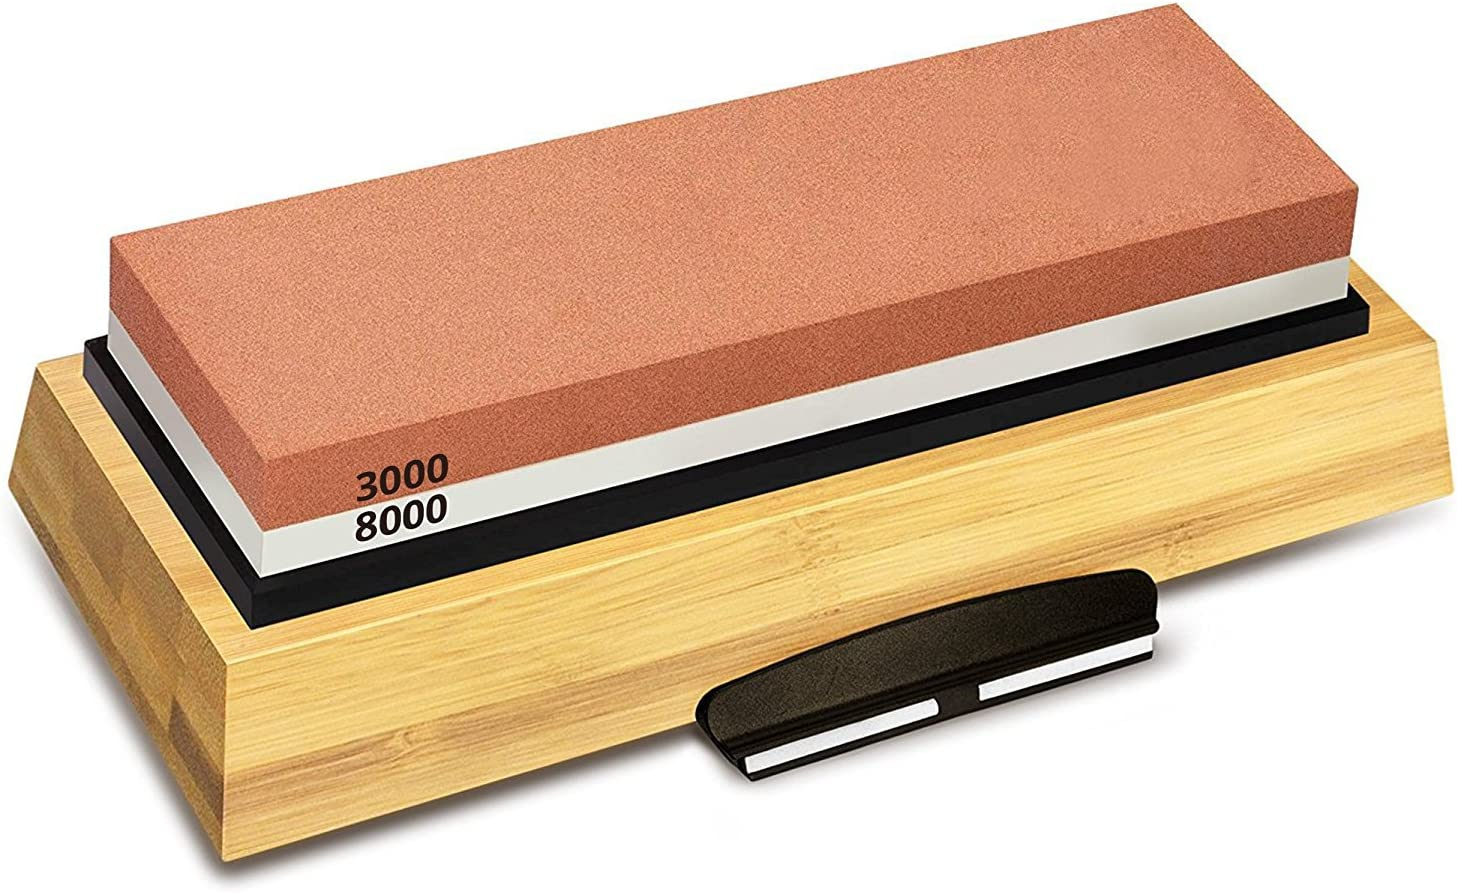 Abrichtstein Doppelseitig 3000//8000 Grit Schleifsteine TSMALL Schleifstein Set Winkelf/ührung mit Rutschfestem Silikonhalter Bambusbasis und L/äppstein f/ür Metallklinge Polieren